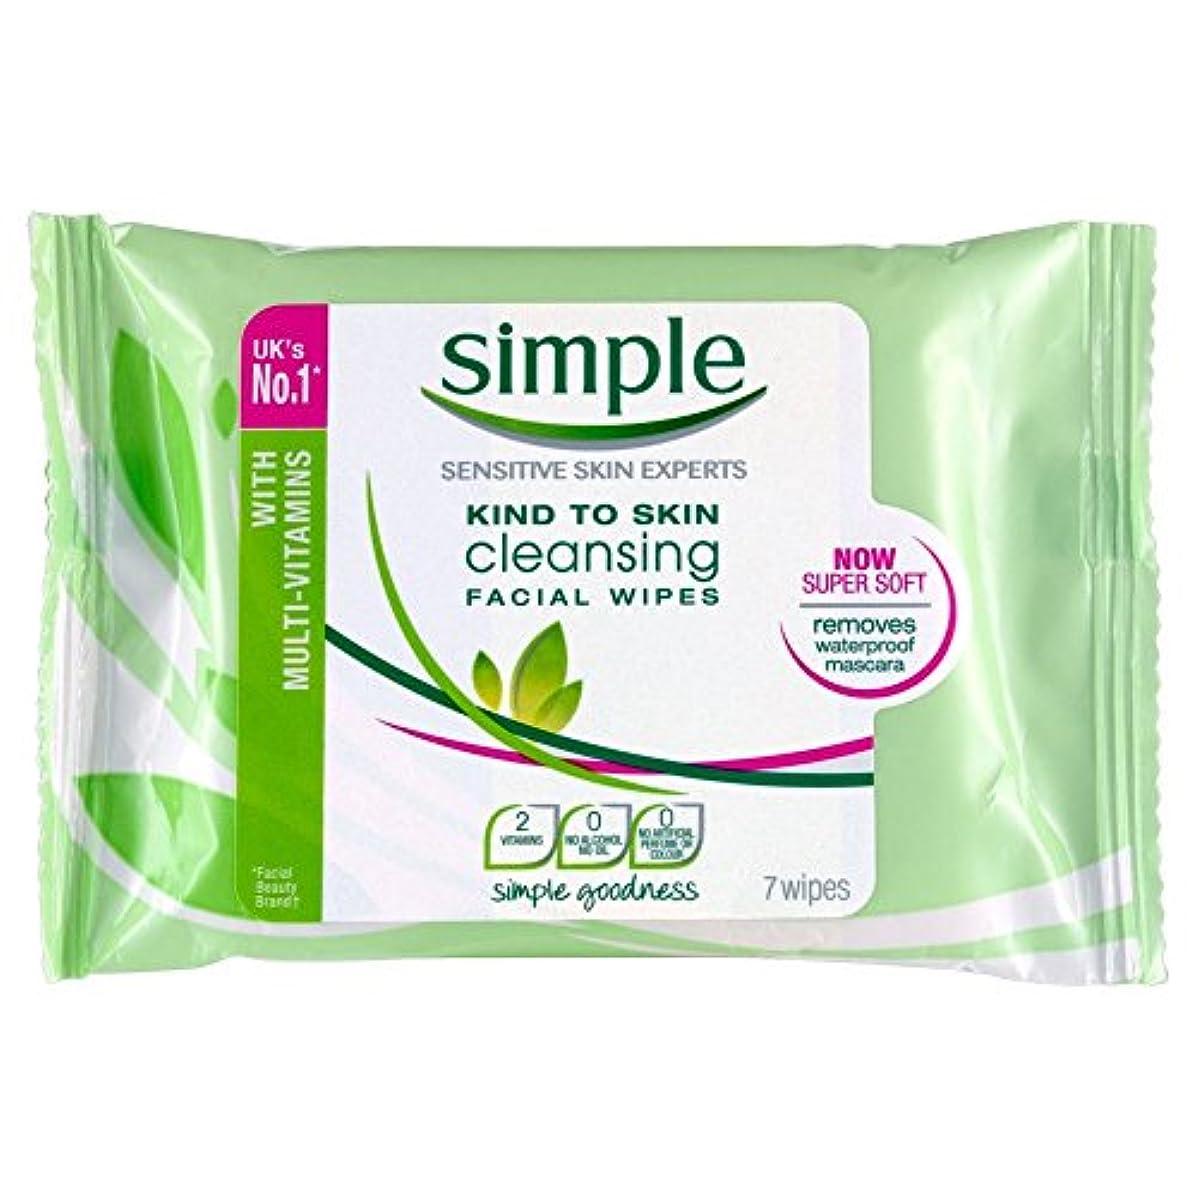 不満スキルワインSimple Kind to Skin Cleansing Facial Wipes (7 per pack) 肌のクレンジングフェイシャルワイプへの単純な種類(パック当たり7 ) [並行輸入品]